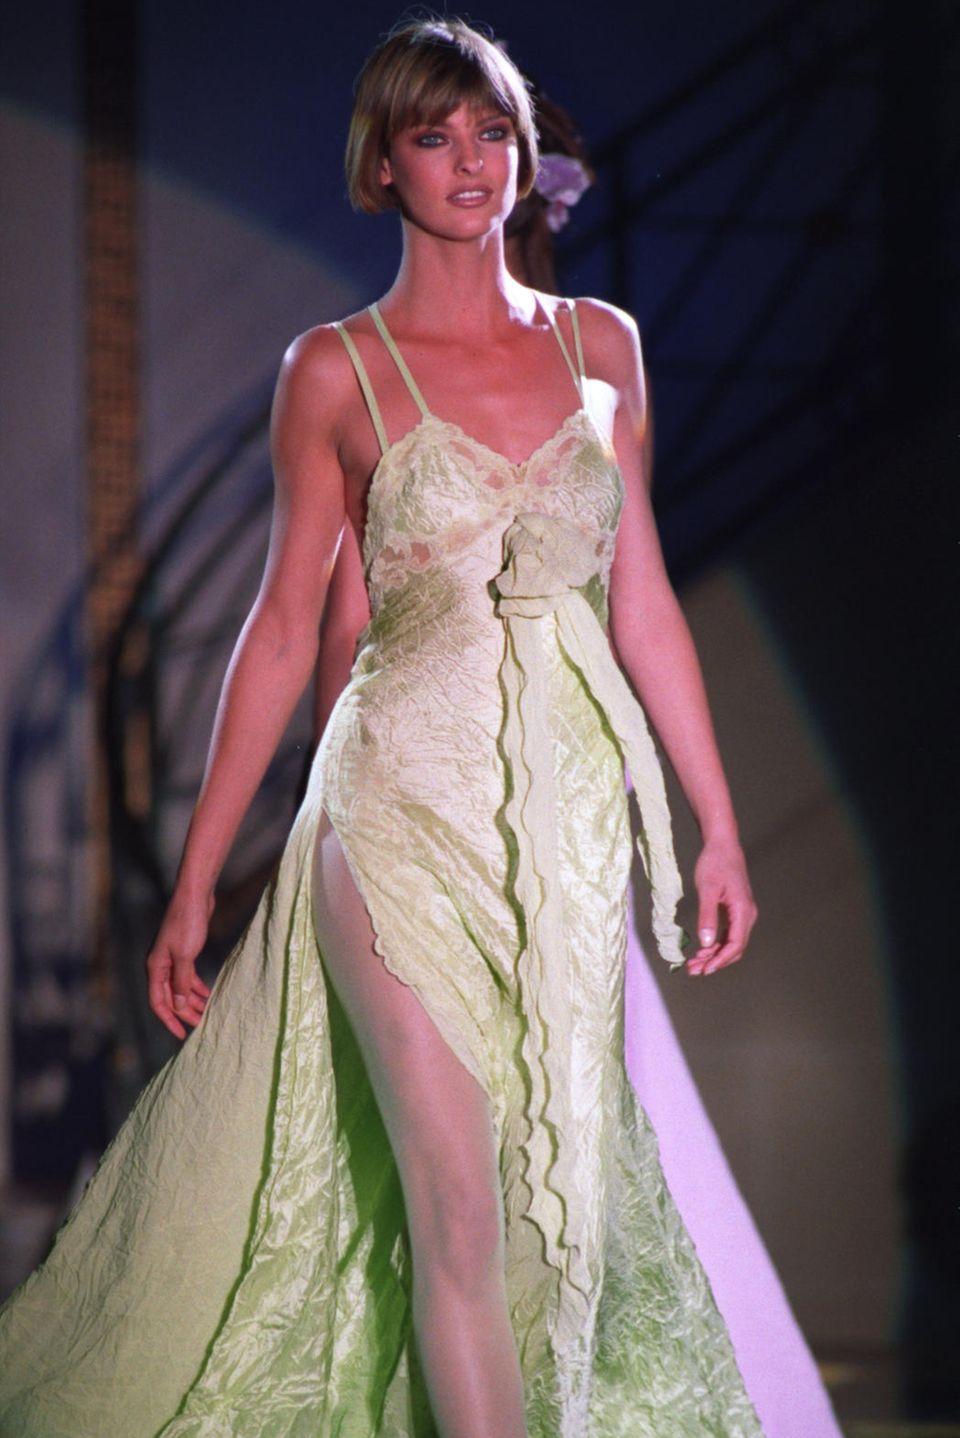 """Ohne Linda Evangelista würde es den Begriff """"Supermodel"""" wahrscheinlich gar nicht geben. Schließlich ist die Mitte der 1980er-Jahre absolute Vorreiterin in diesem Gebiet. 1984 landet sie ihre ersten Cover-Shootings, wenige Jahre später betritt sie für Karl Lagerfeld den Catwalk. Als Gianni Versaces Muse läuft sie hier in 1993 über den Laufsteg."""